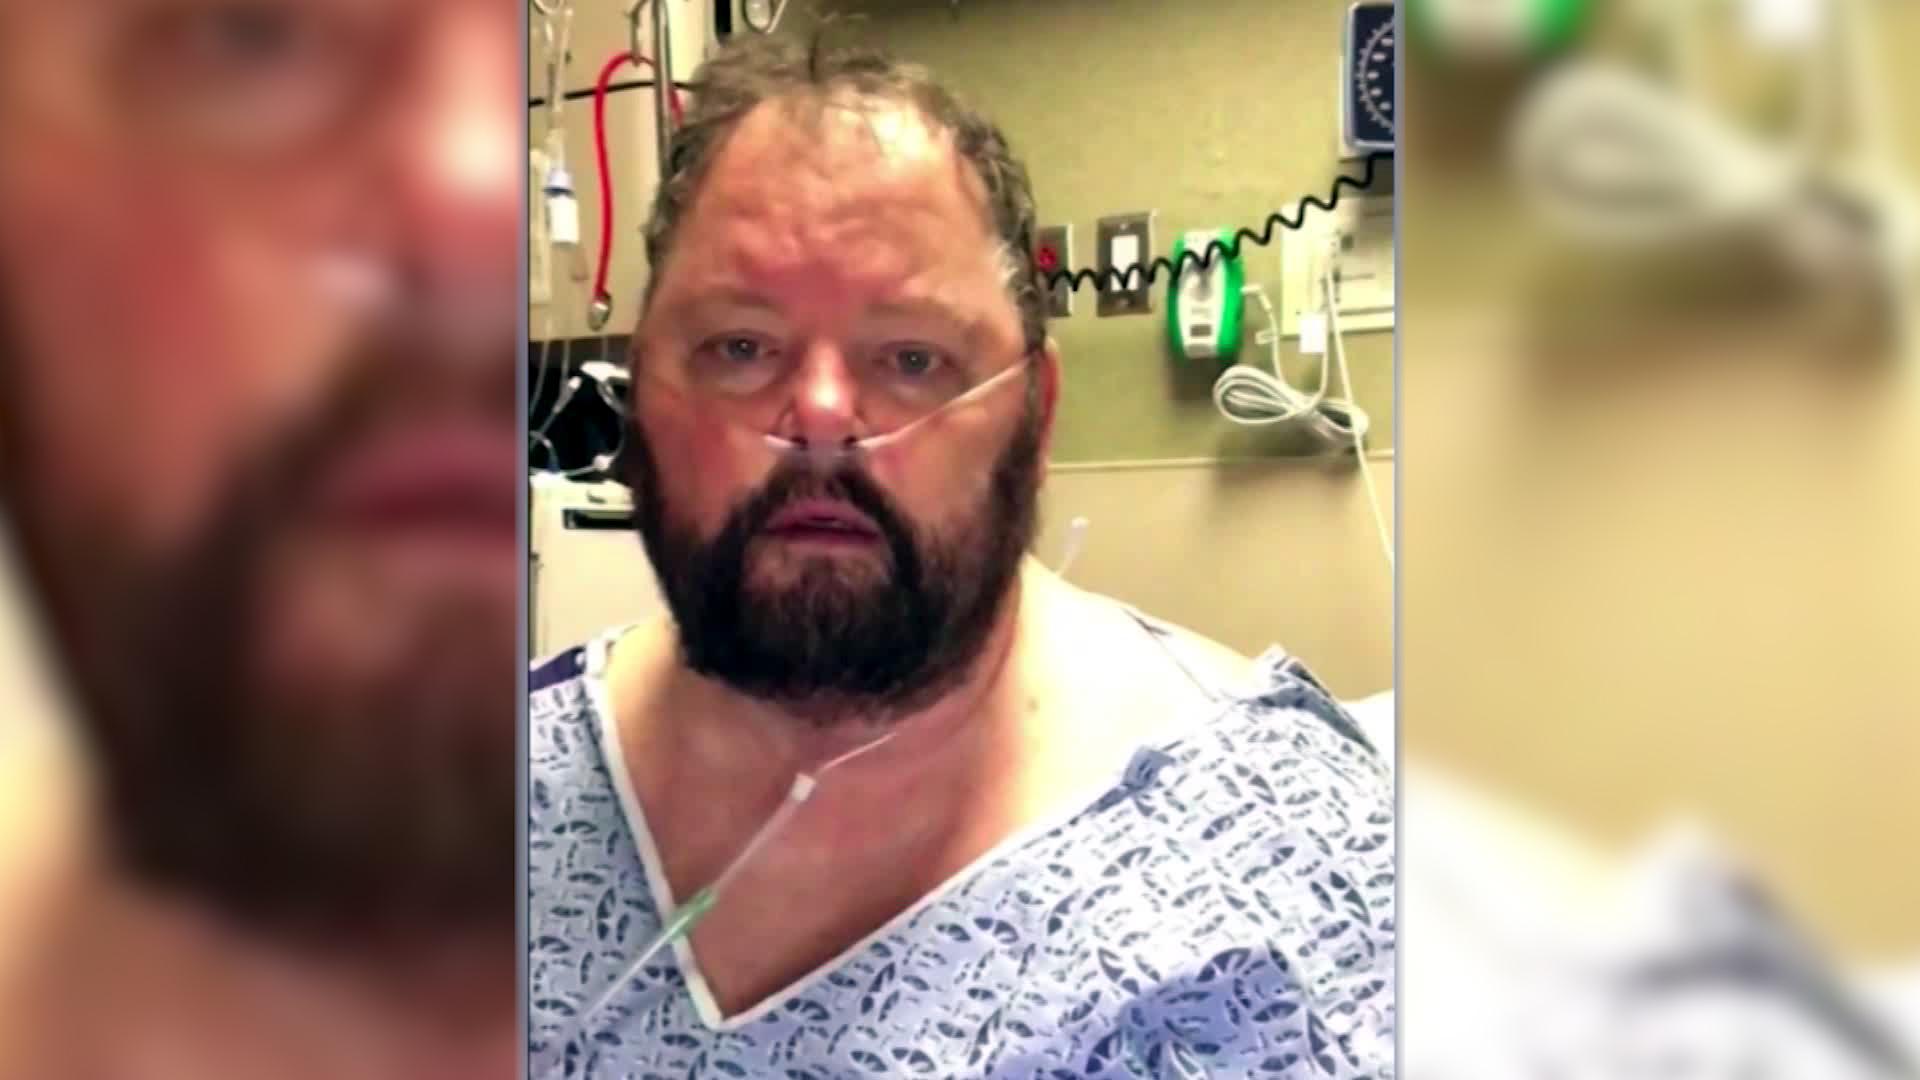 Anh đã ở trong bệnh viện 12 ngày, và luôn trong tình trạng khó thở.